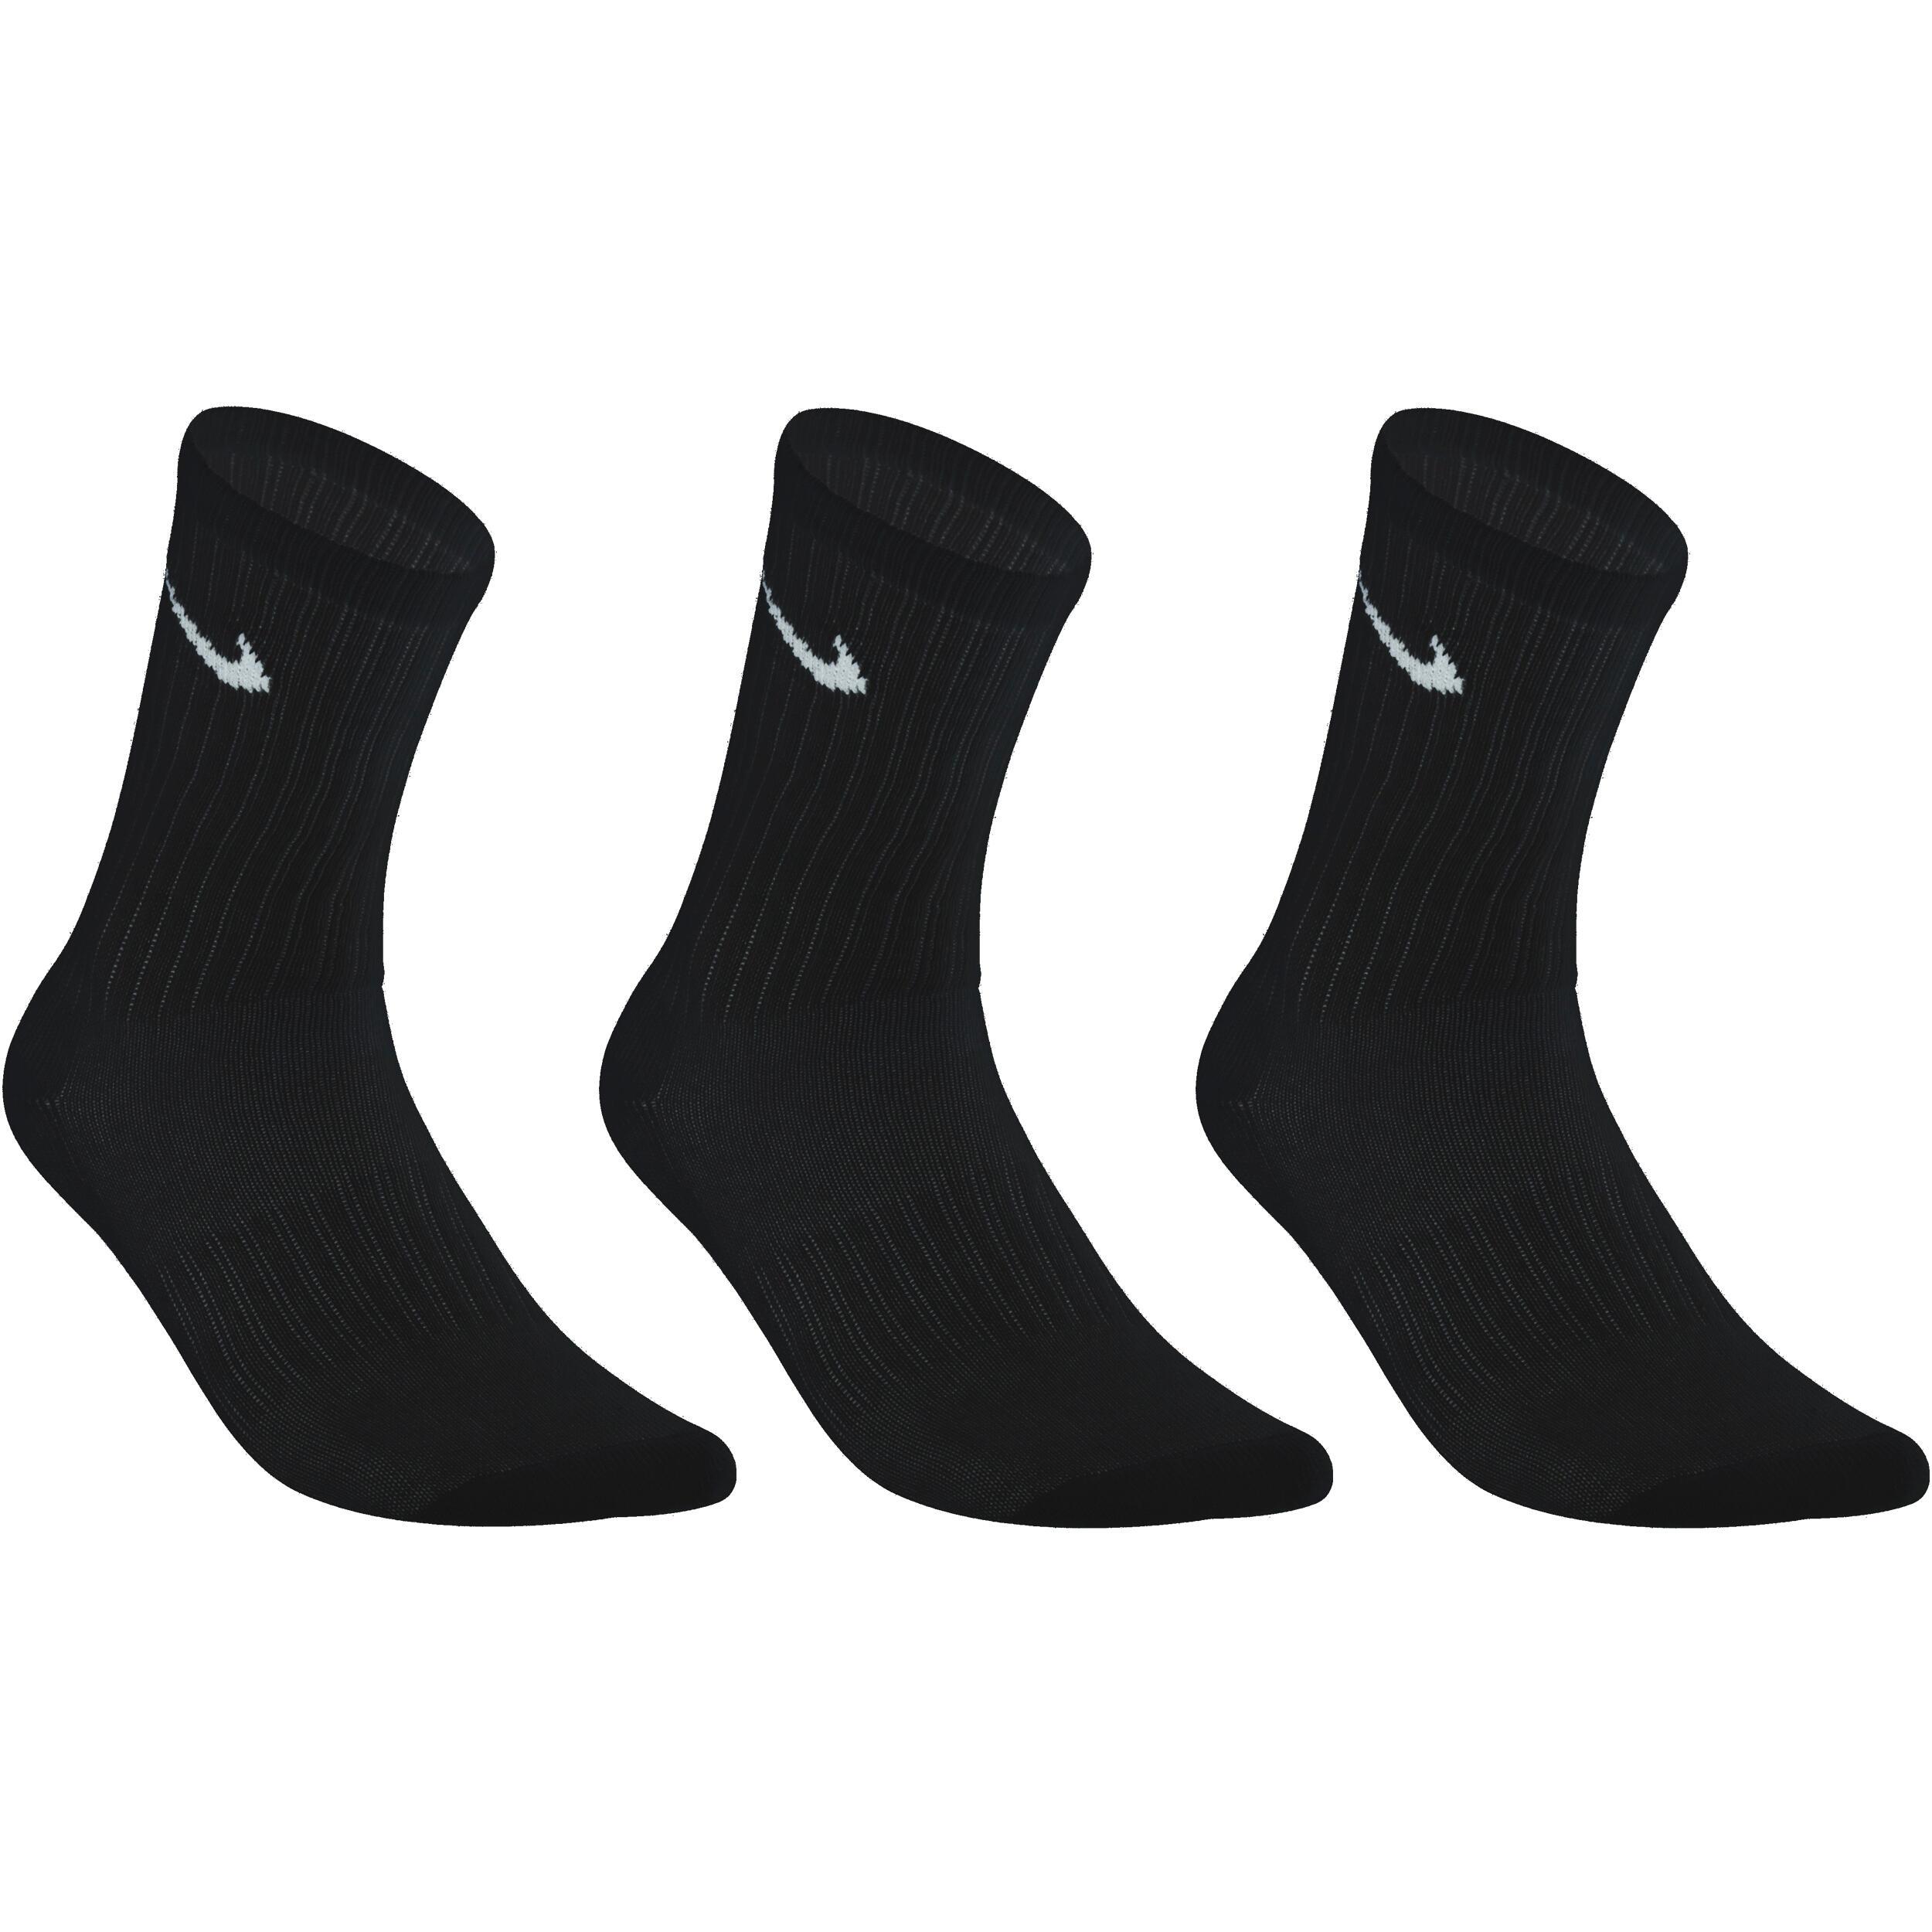 Nike Hoge sokken racketsport Nike Basic zwart set van 3